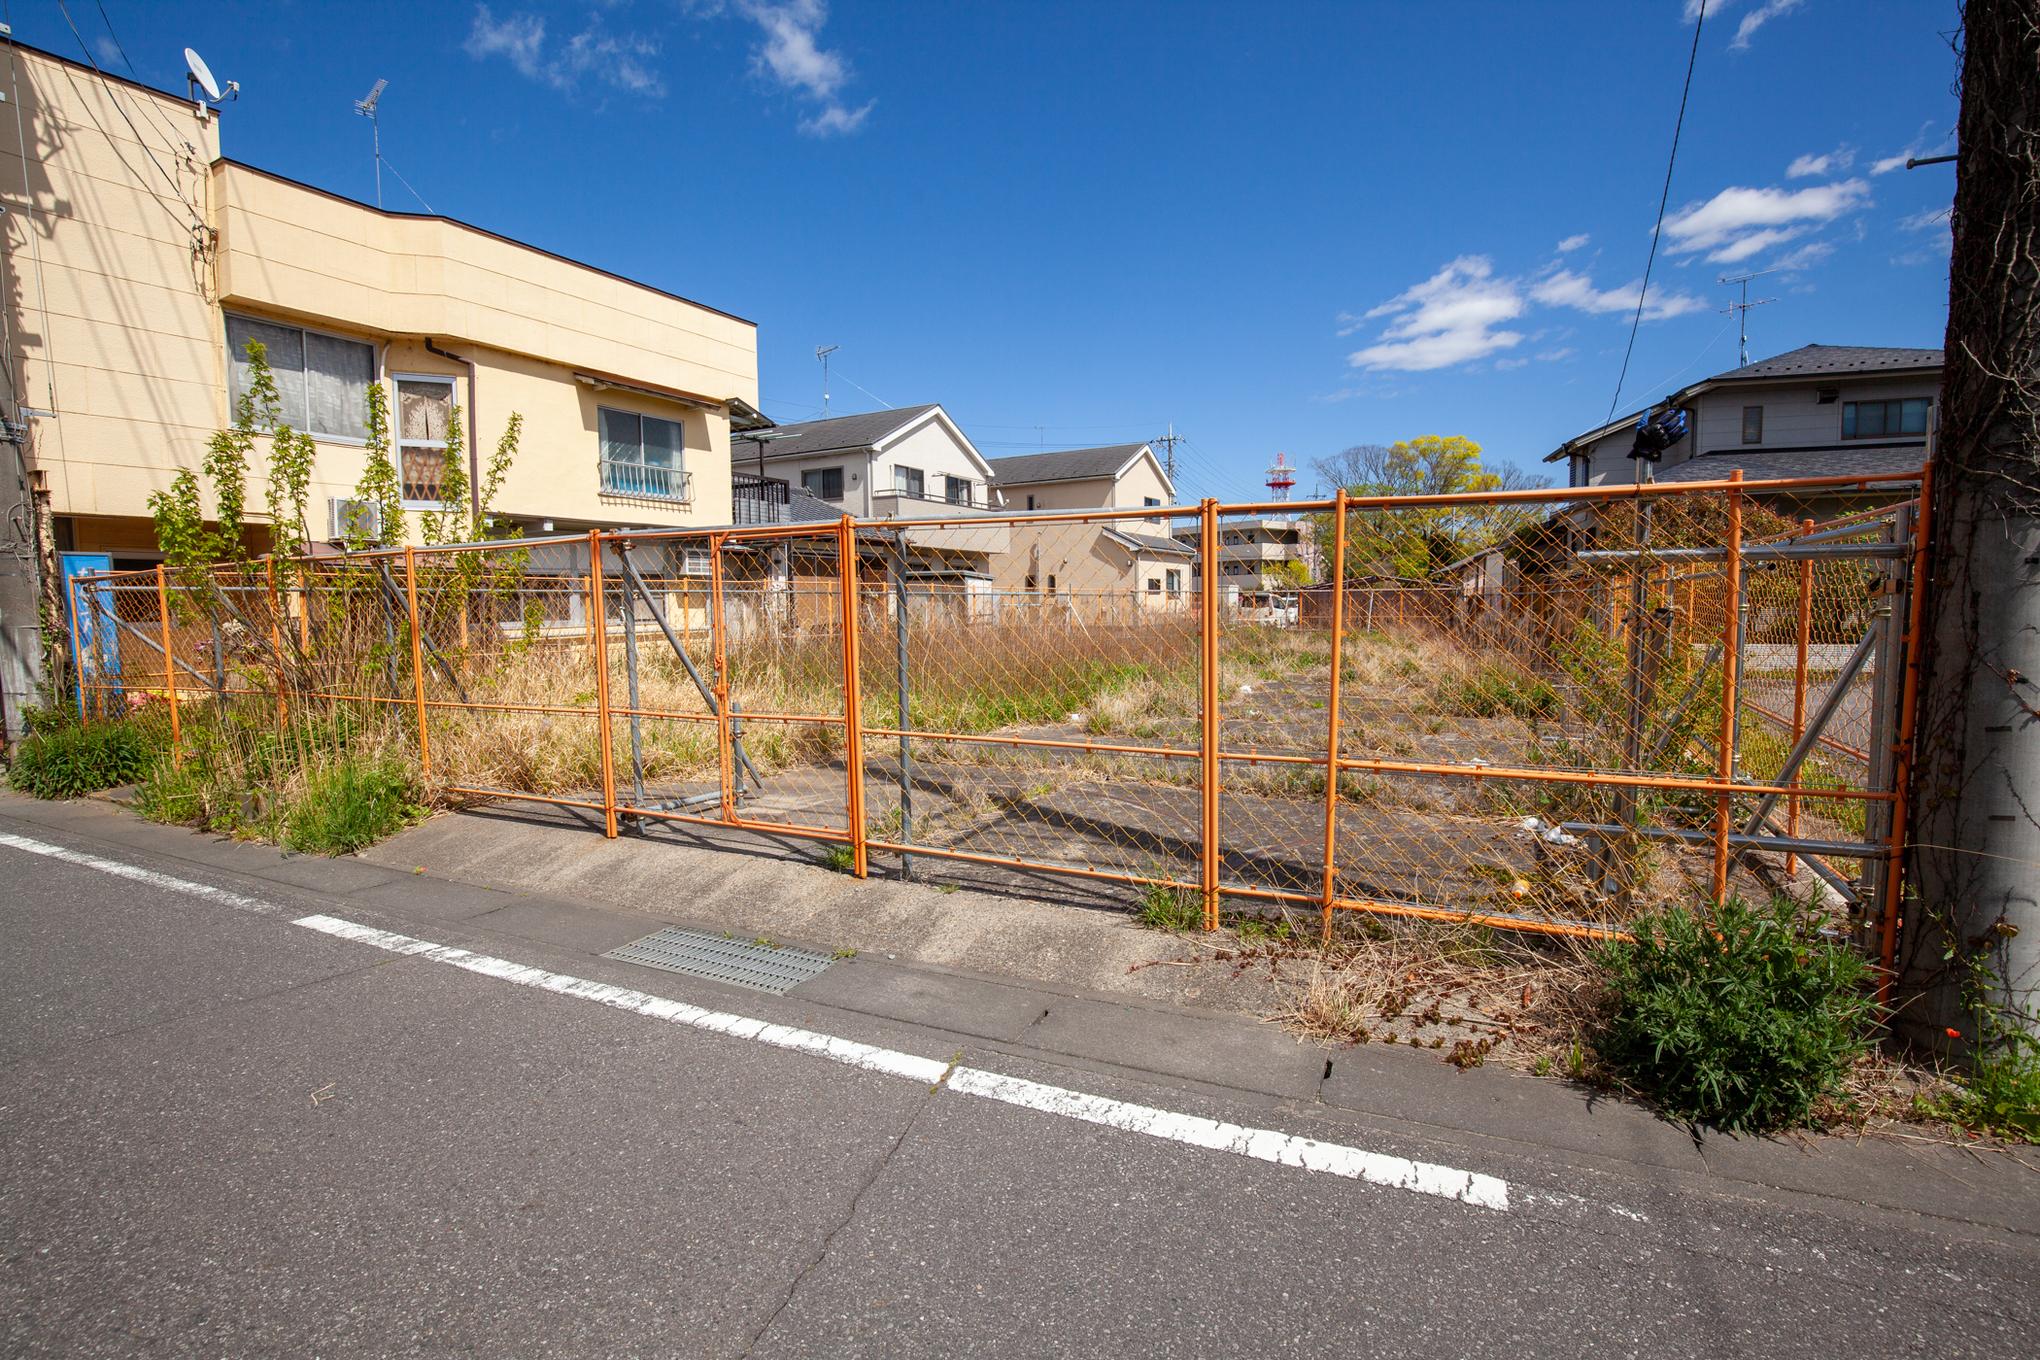 f:id:akichiniiko:20200711154806j:plain